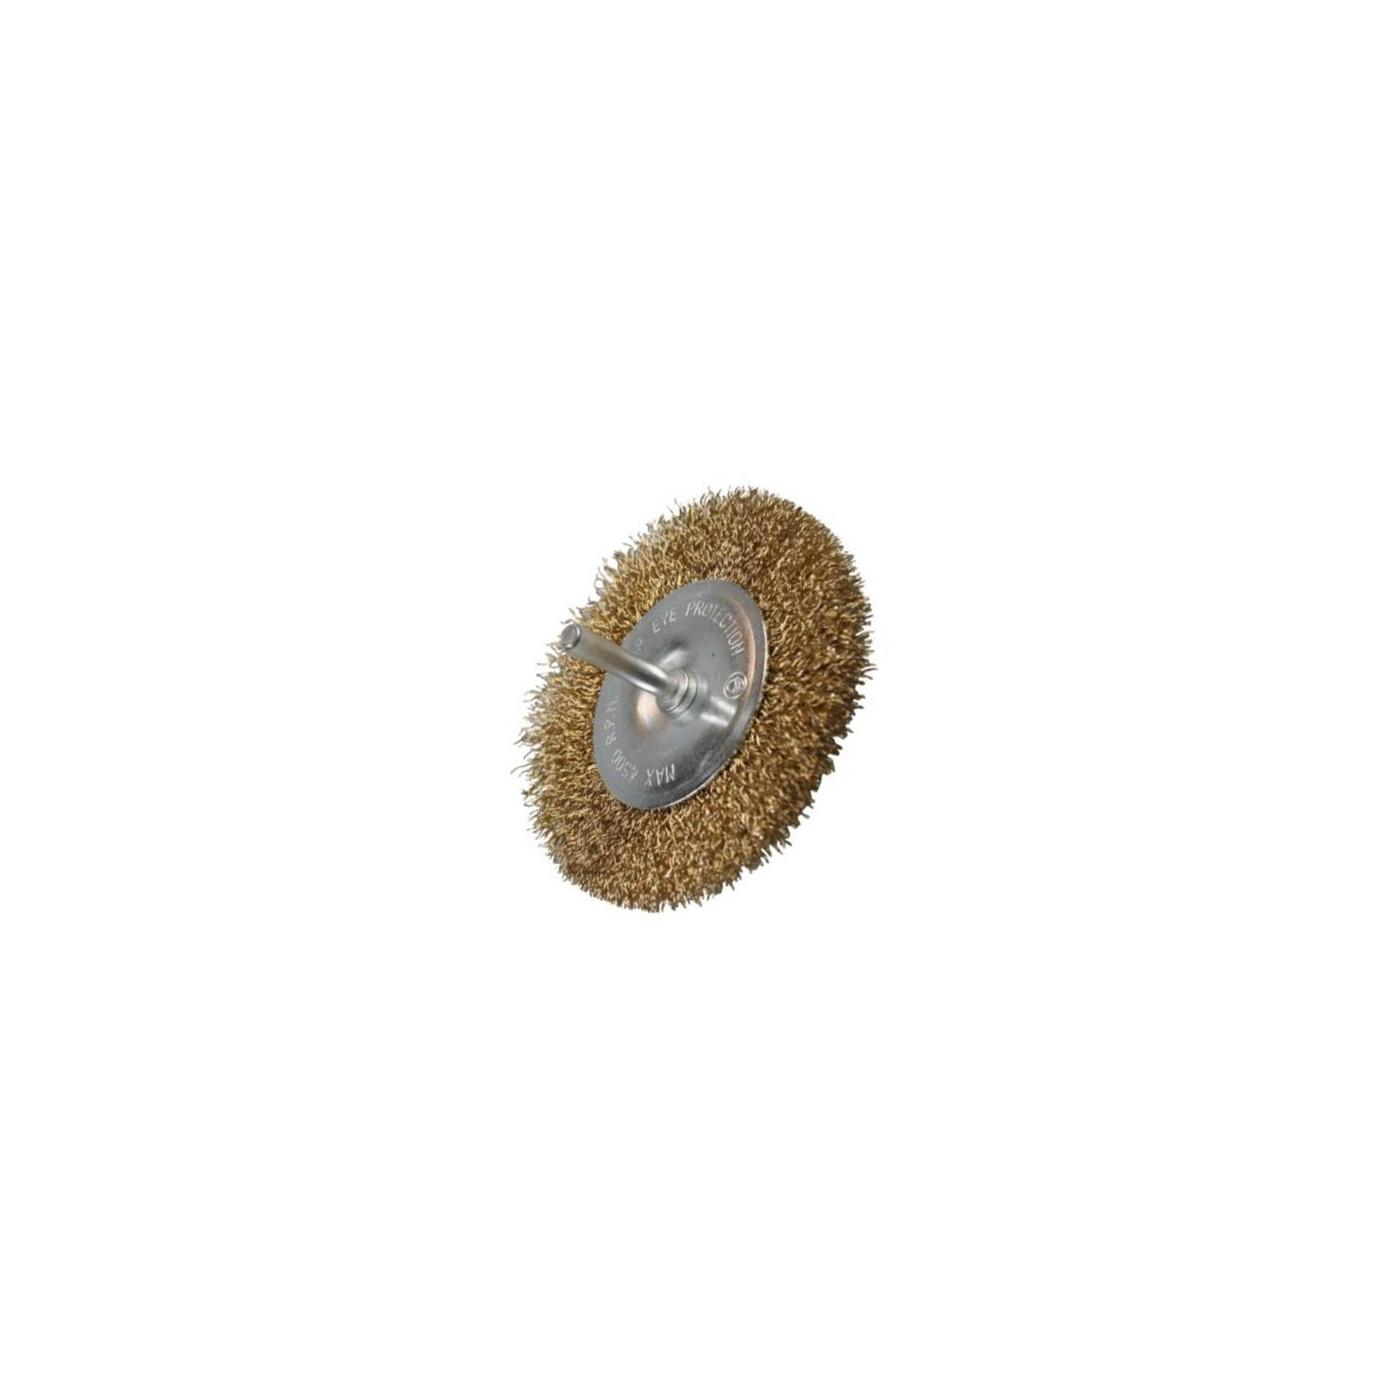 Płaska metalowa szczotka druciana do wiertarek o średnicy 100 mm  - 1